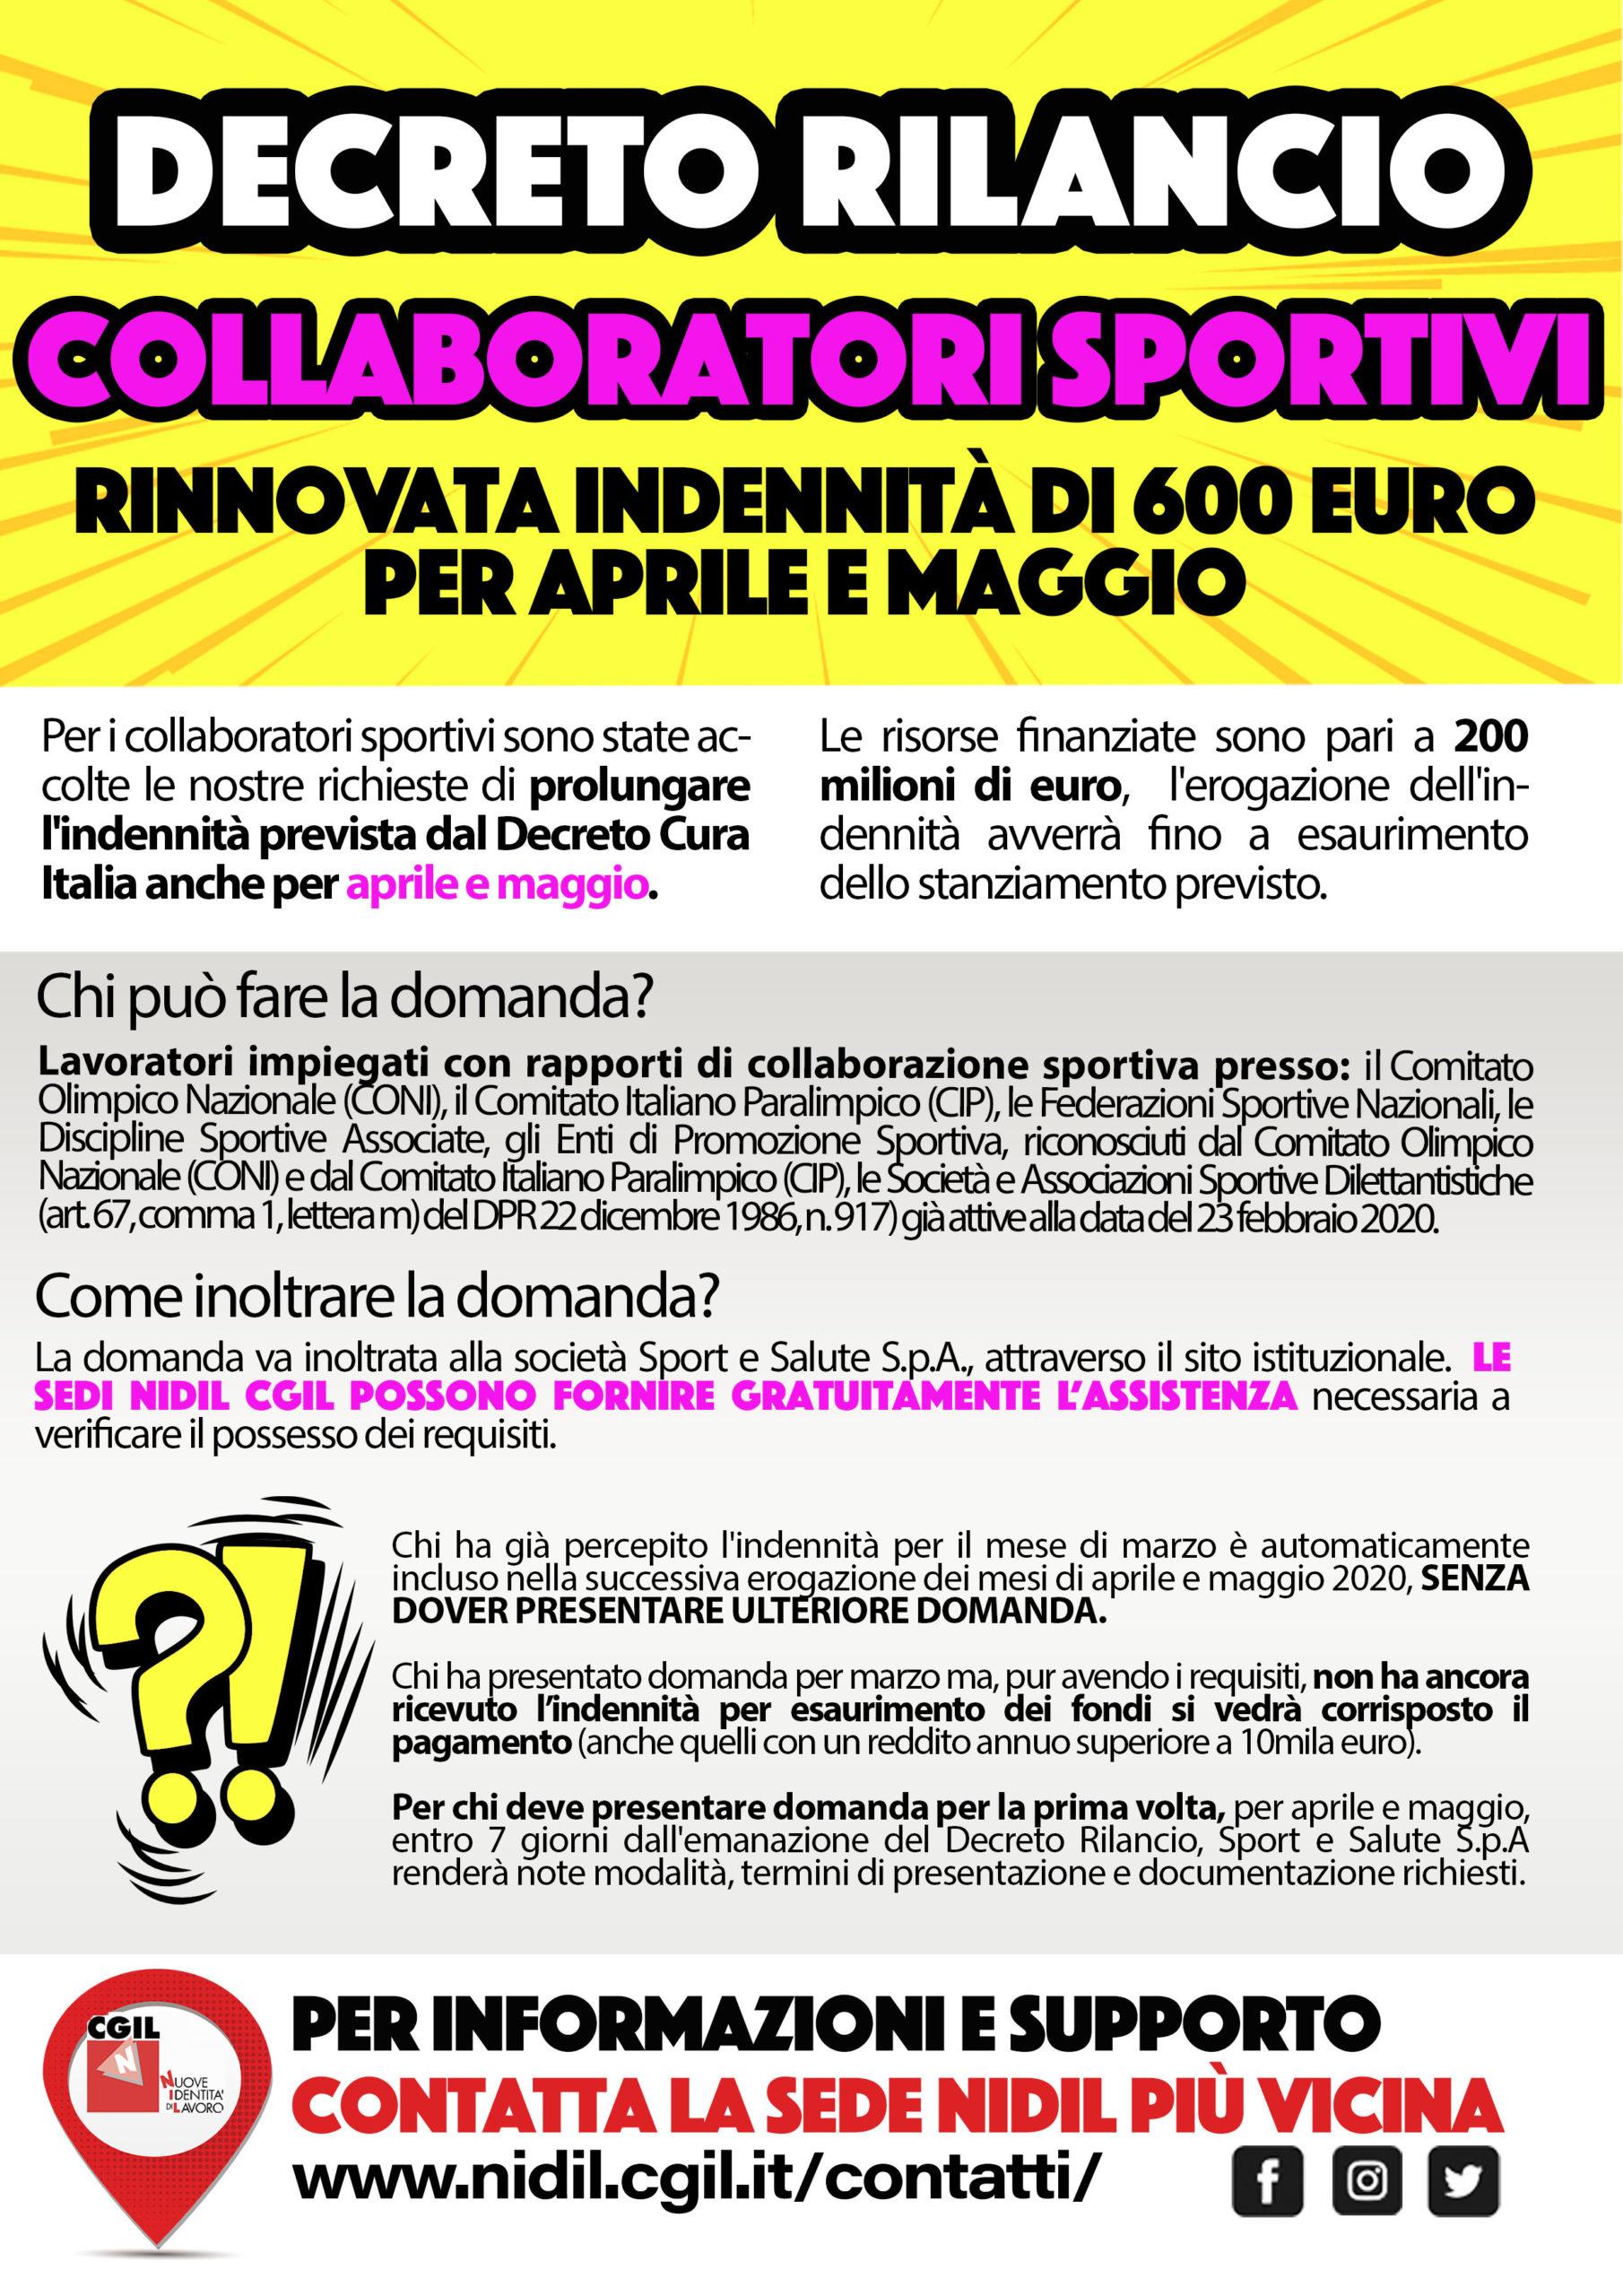 Decreto Rilancio Collaboratori sportivi